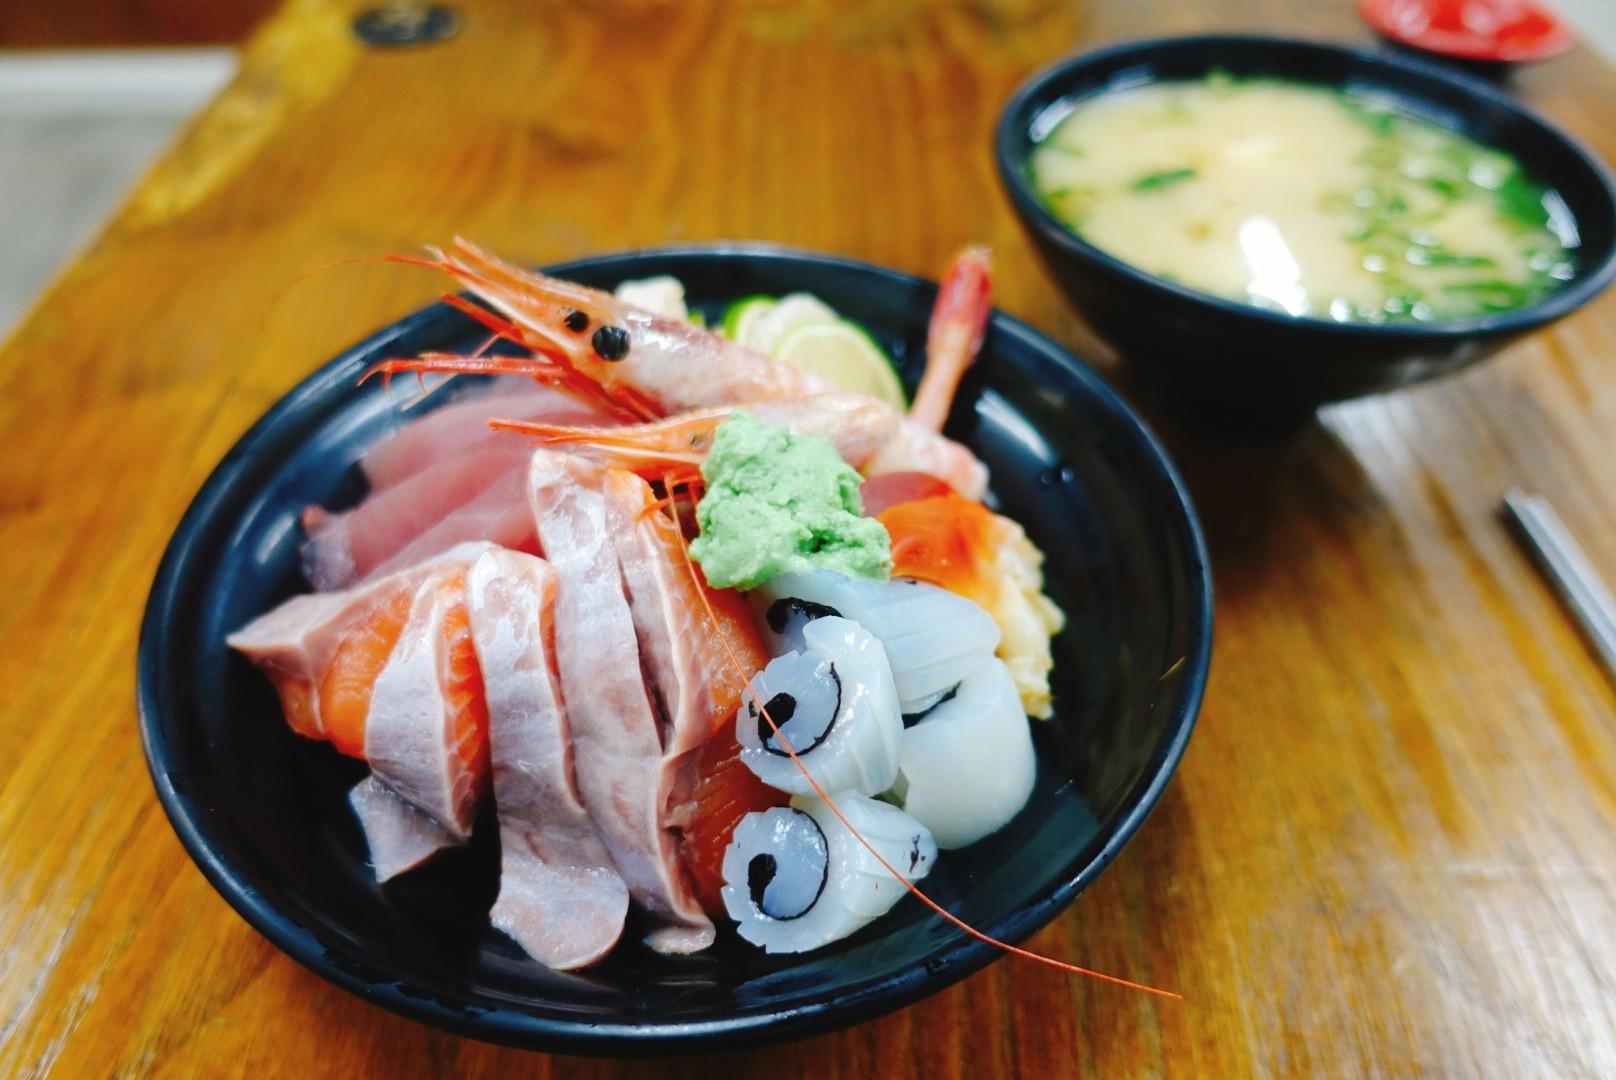 【花蓮市區】阿九壽司|超佛心的價格就能吃到美味又具份量的握壽司與丼飯